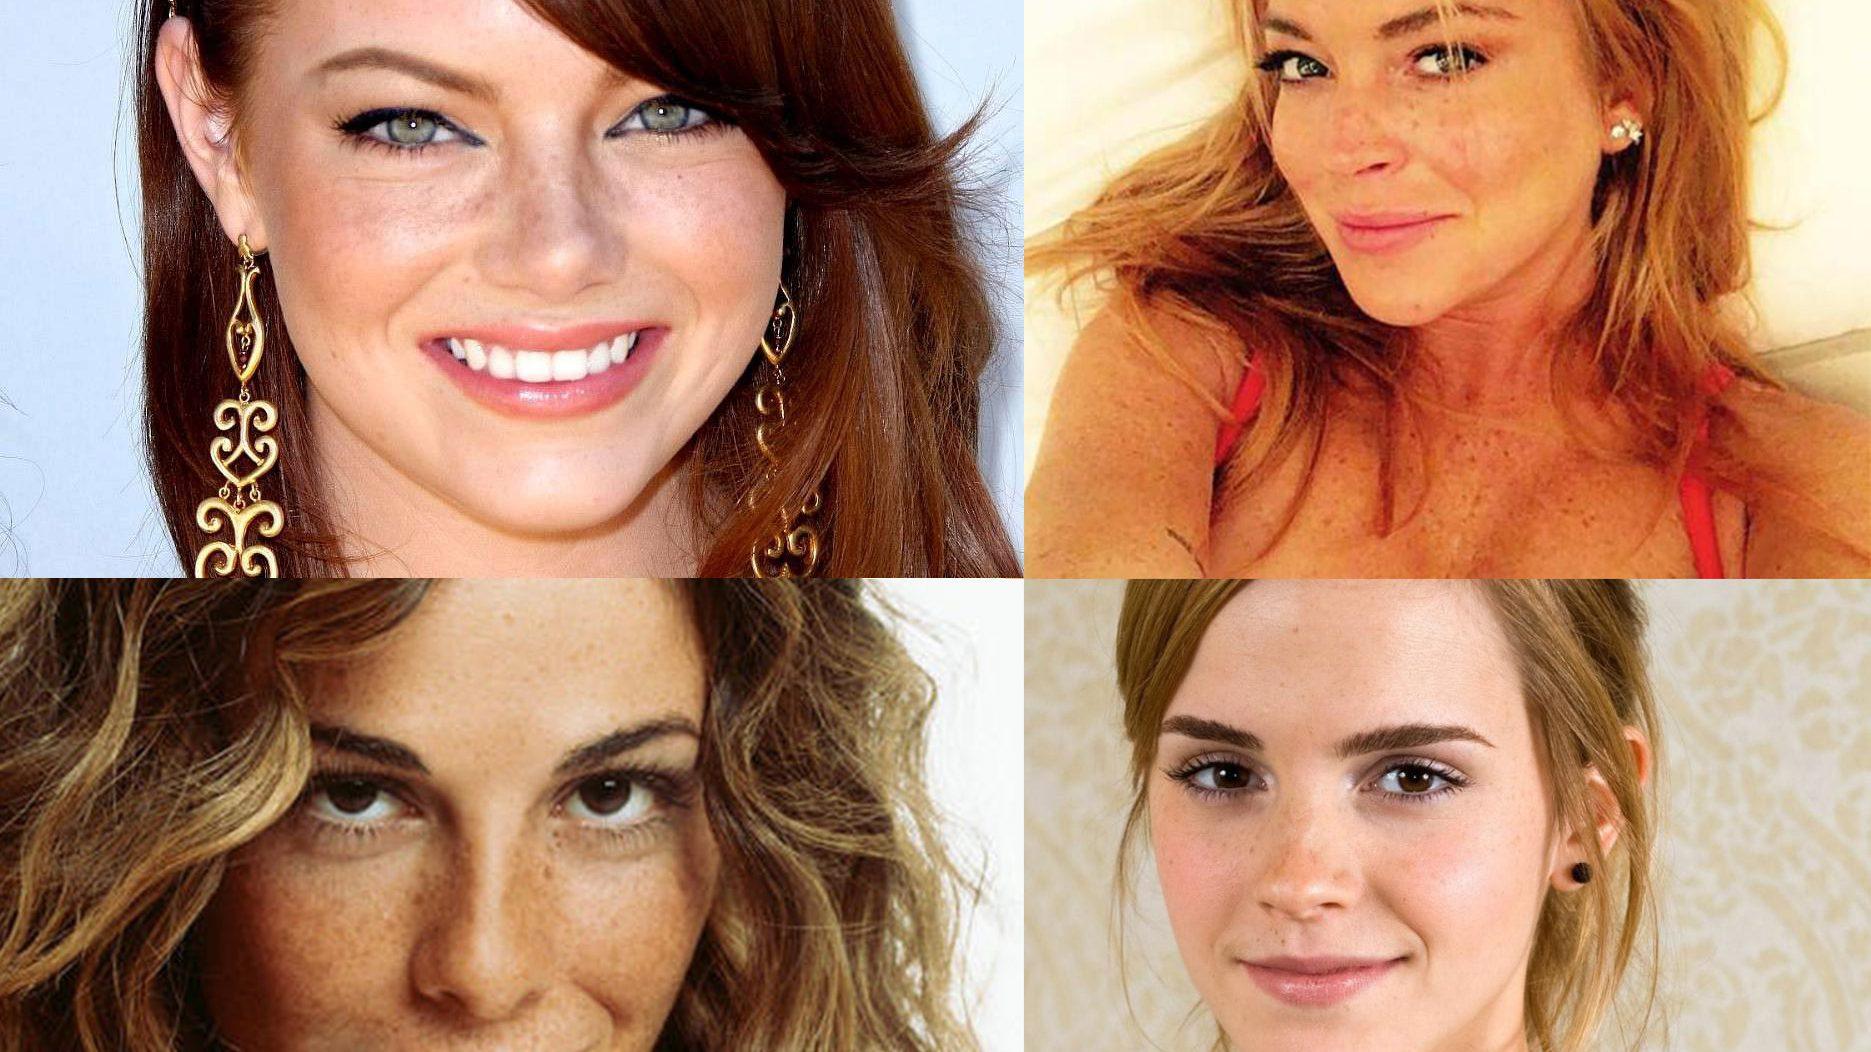 Watch Le finte lentiggini, il nuovo (pazzo) trend beauty ispirato a Meghan Markle video